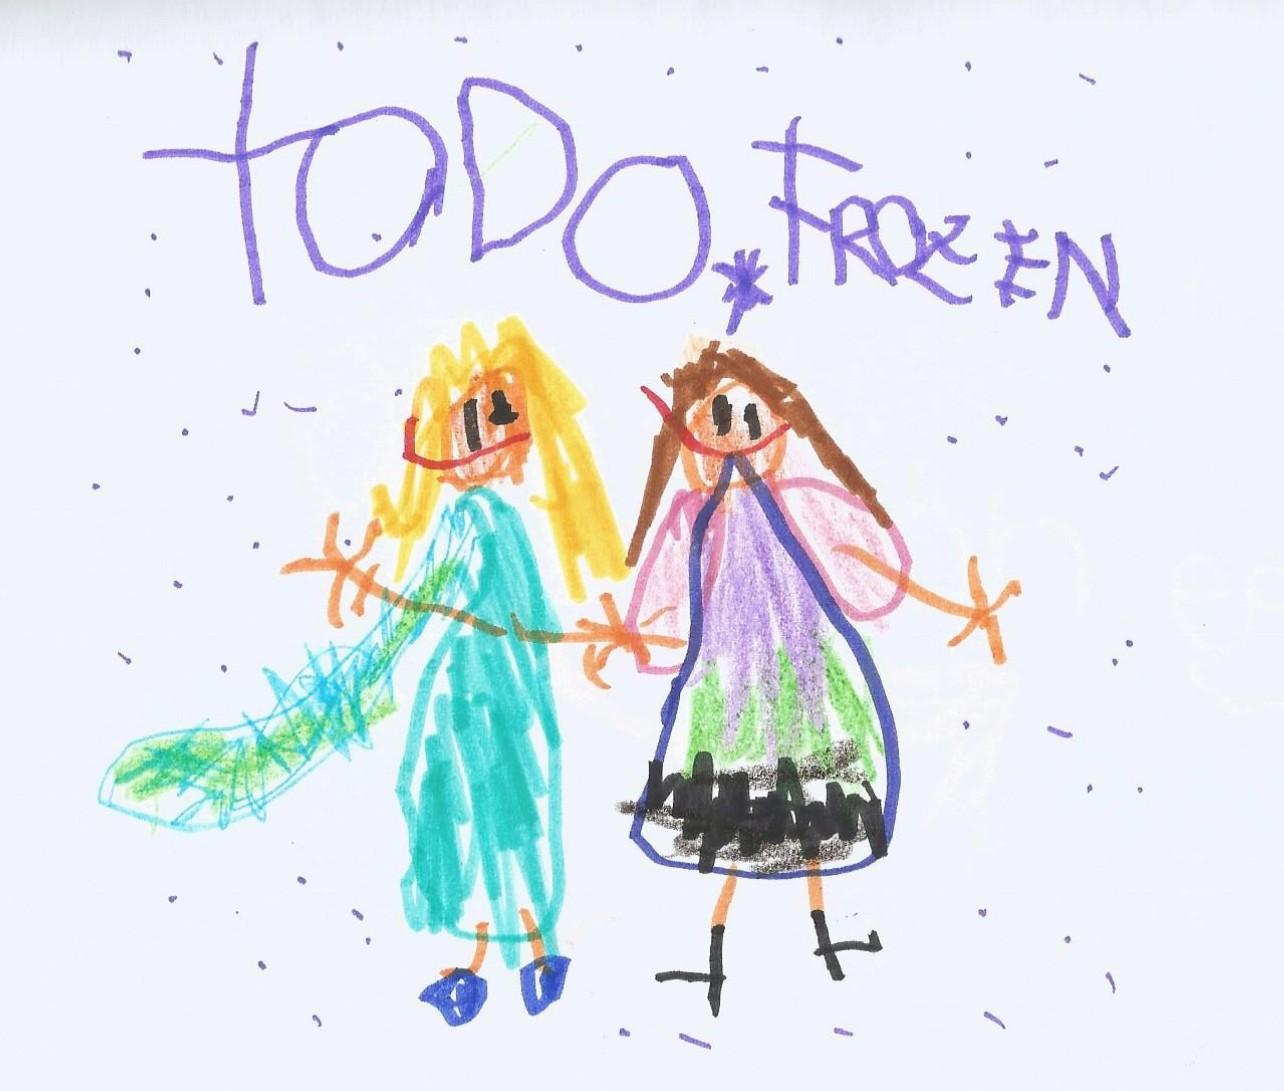 Dibujo pintado por un niño